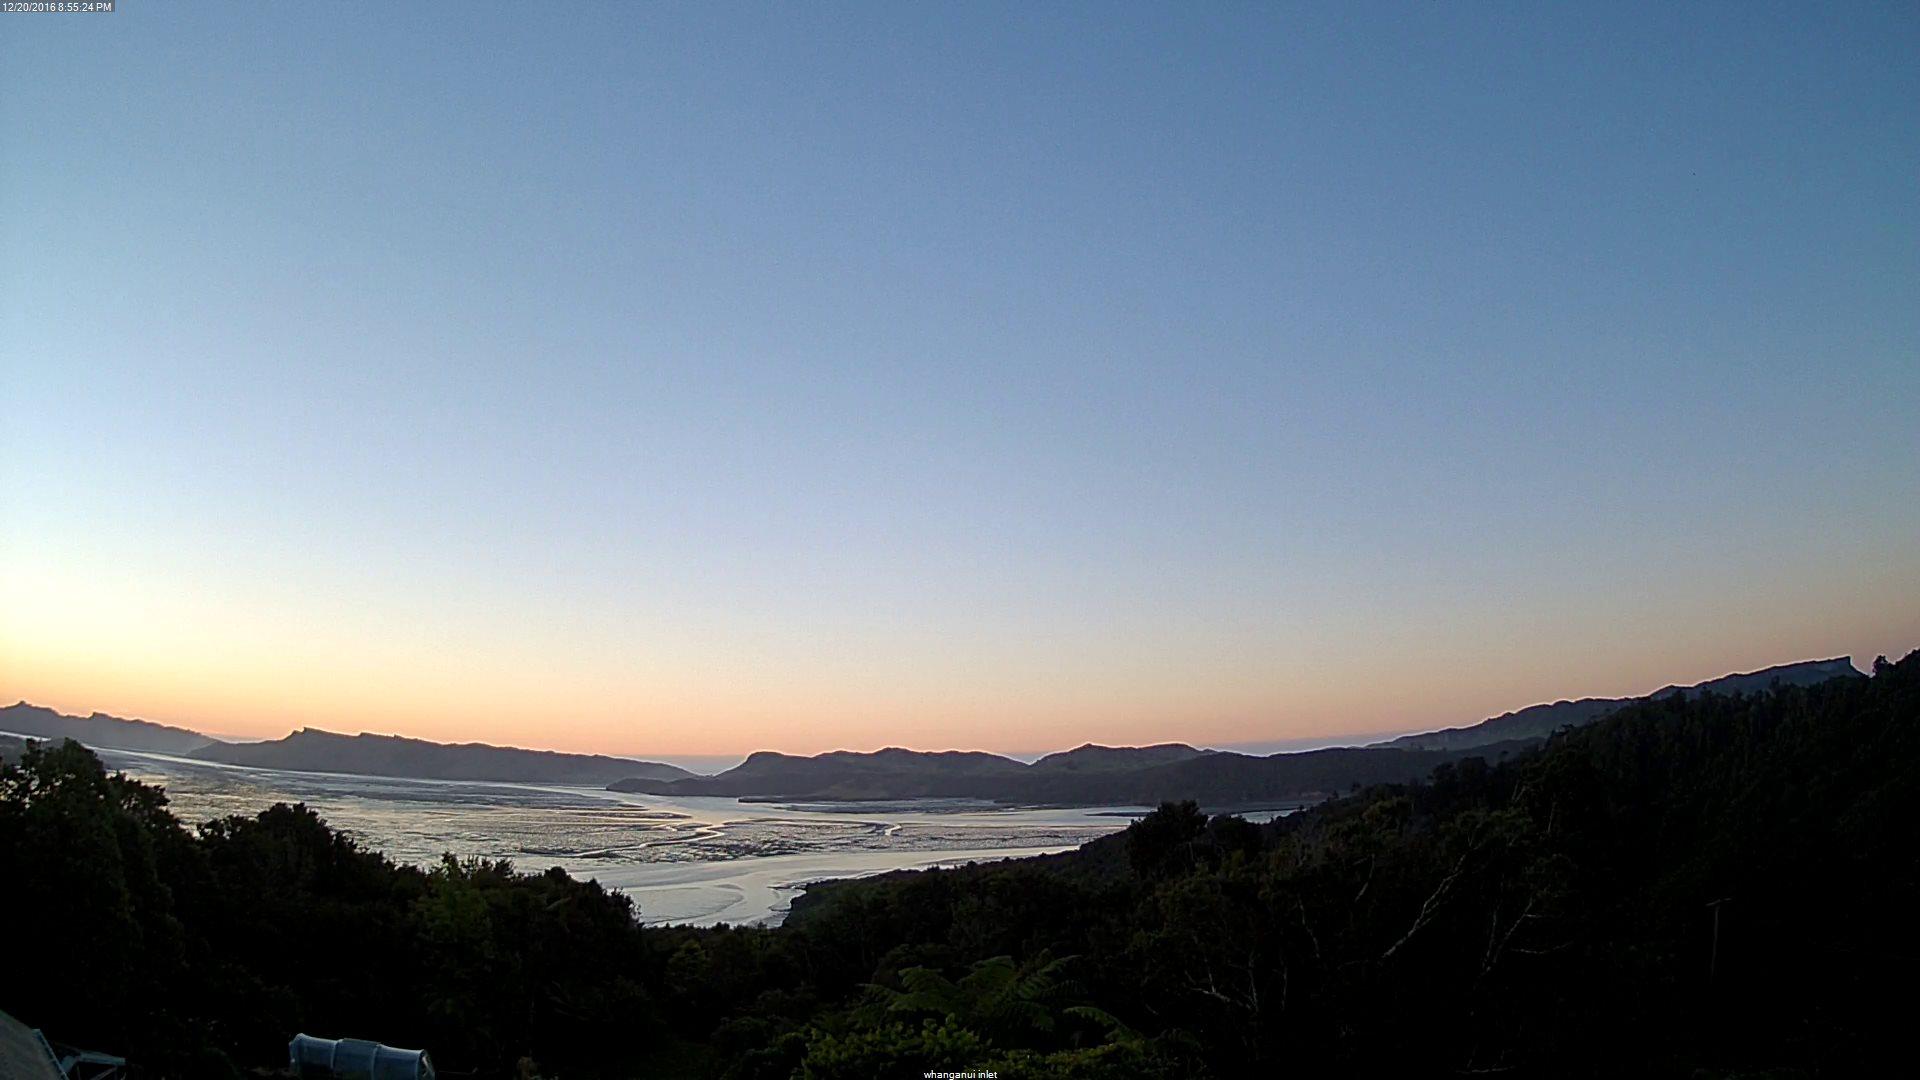 webcam Whanganui Inlet Tasman